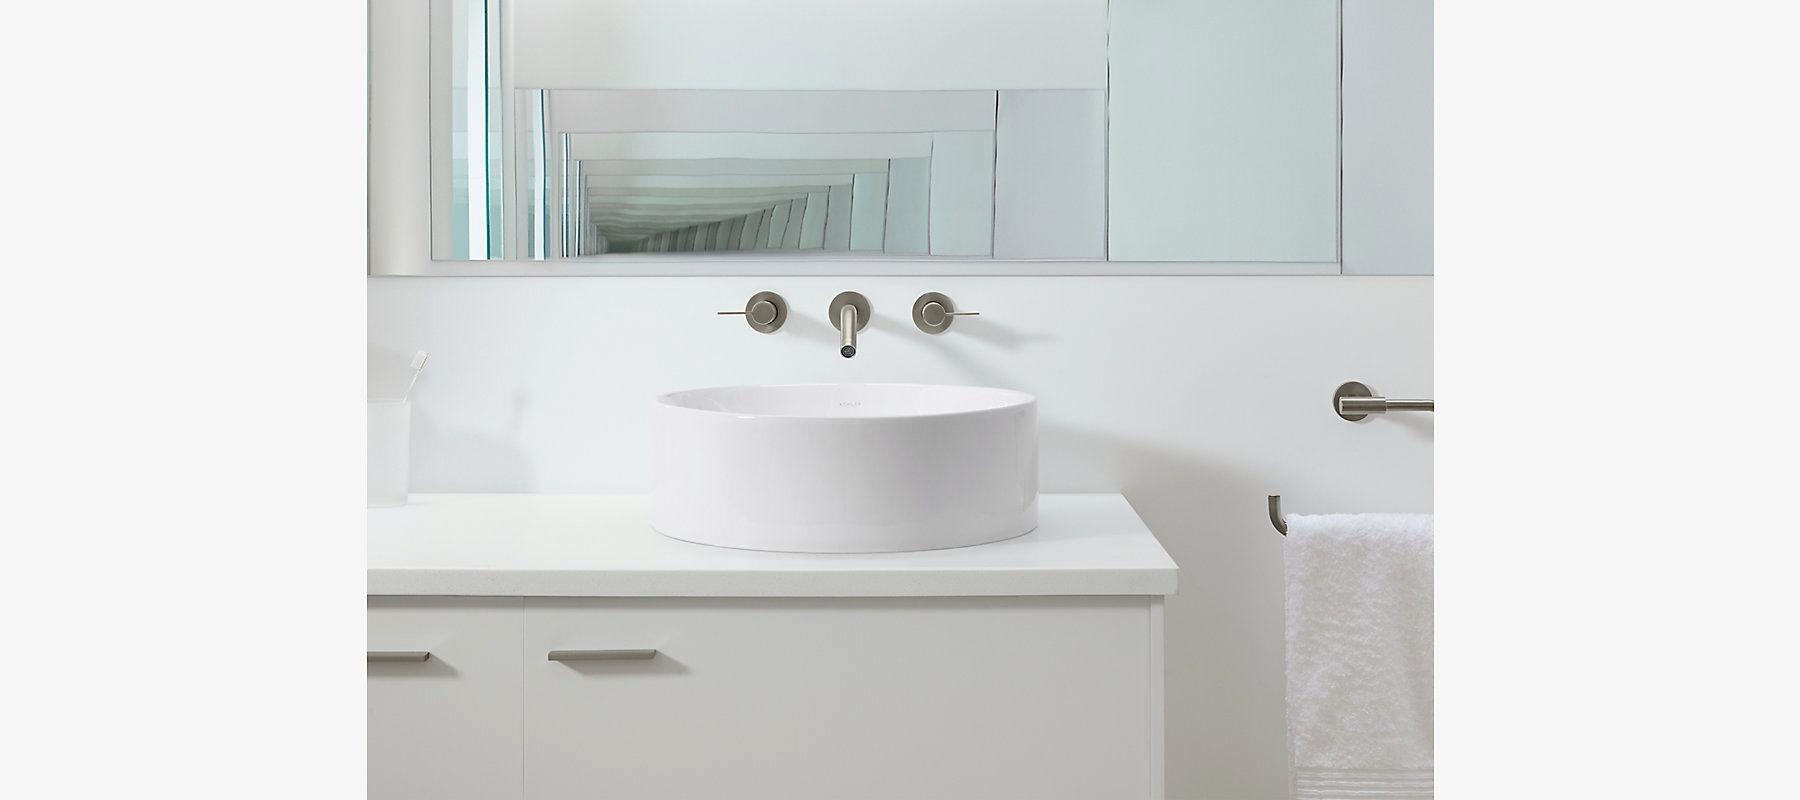 best best bathroom vanity brands photograph-Luxury Best Bathroom Vanity Brands Architecture